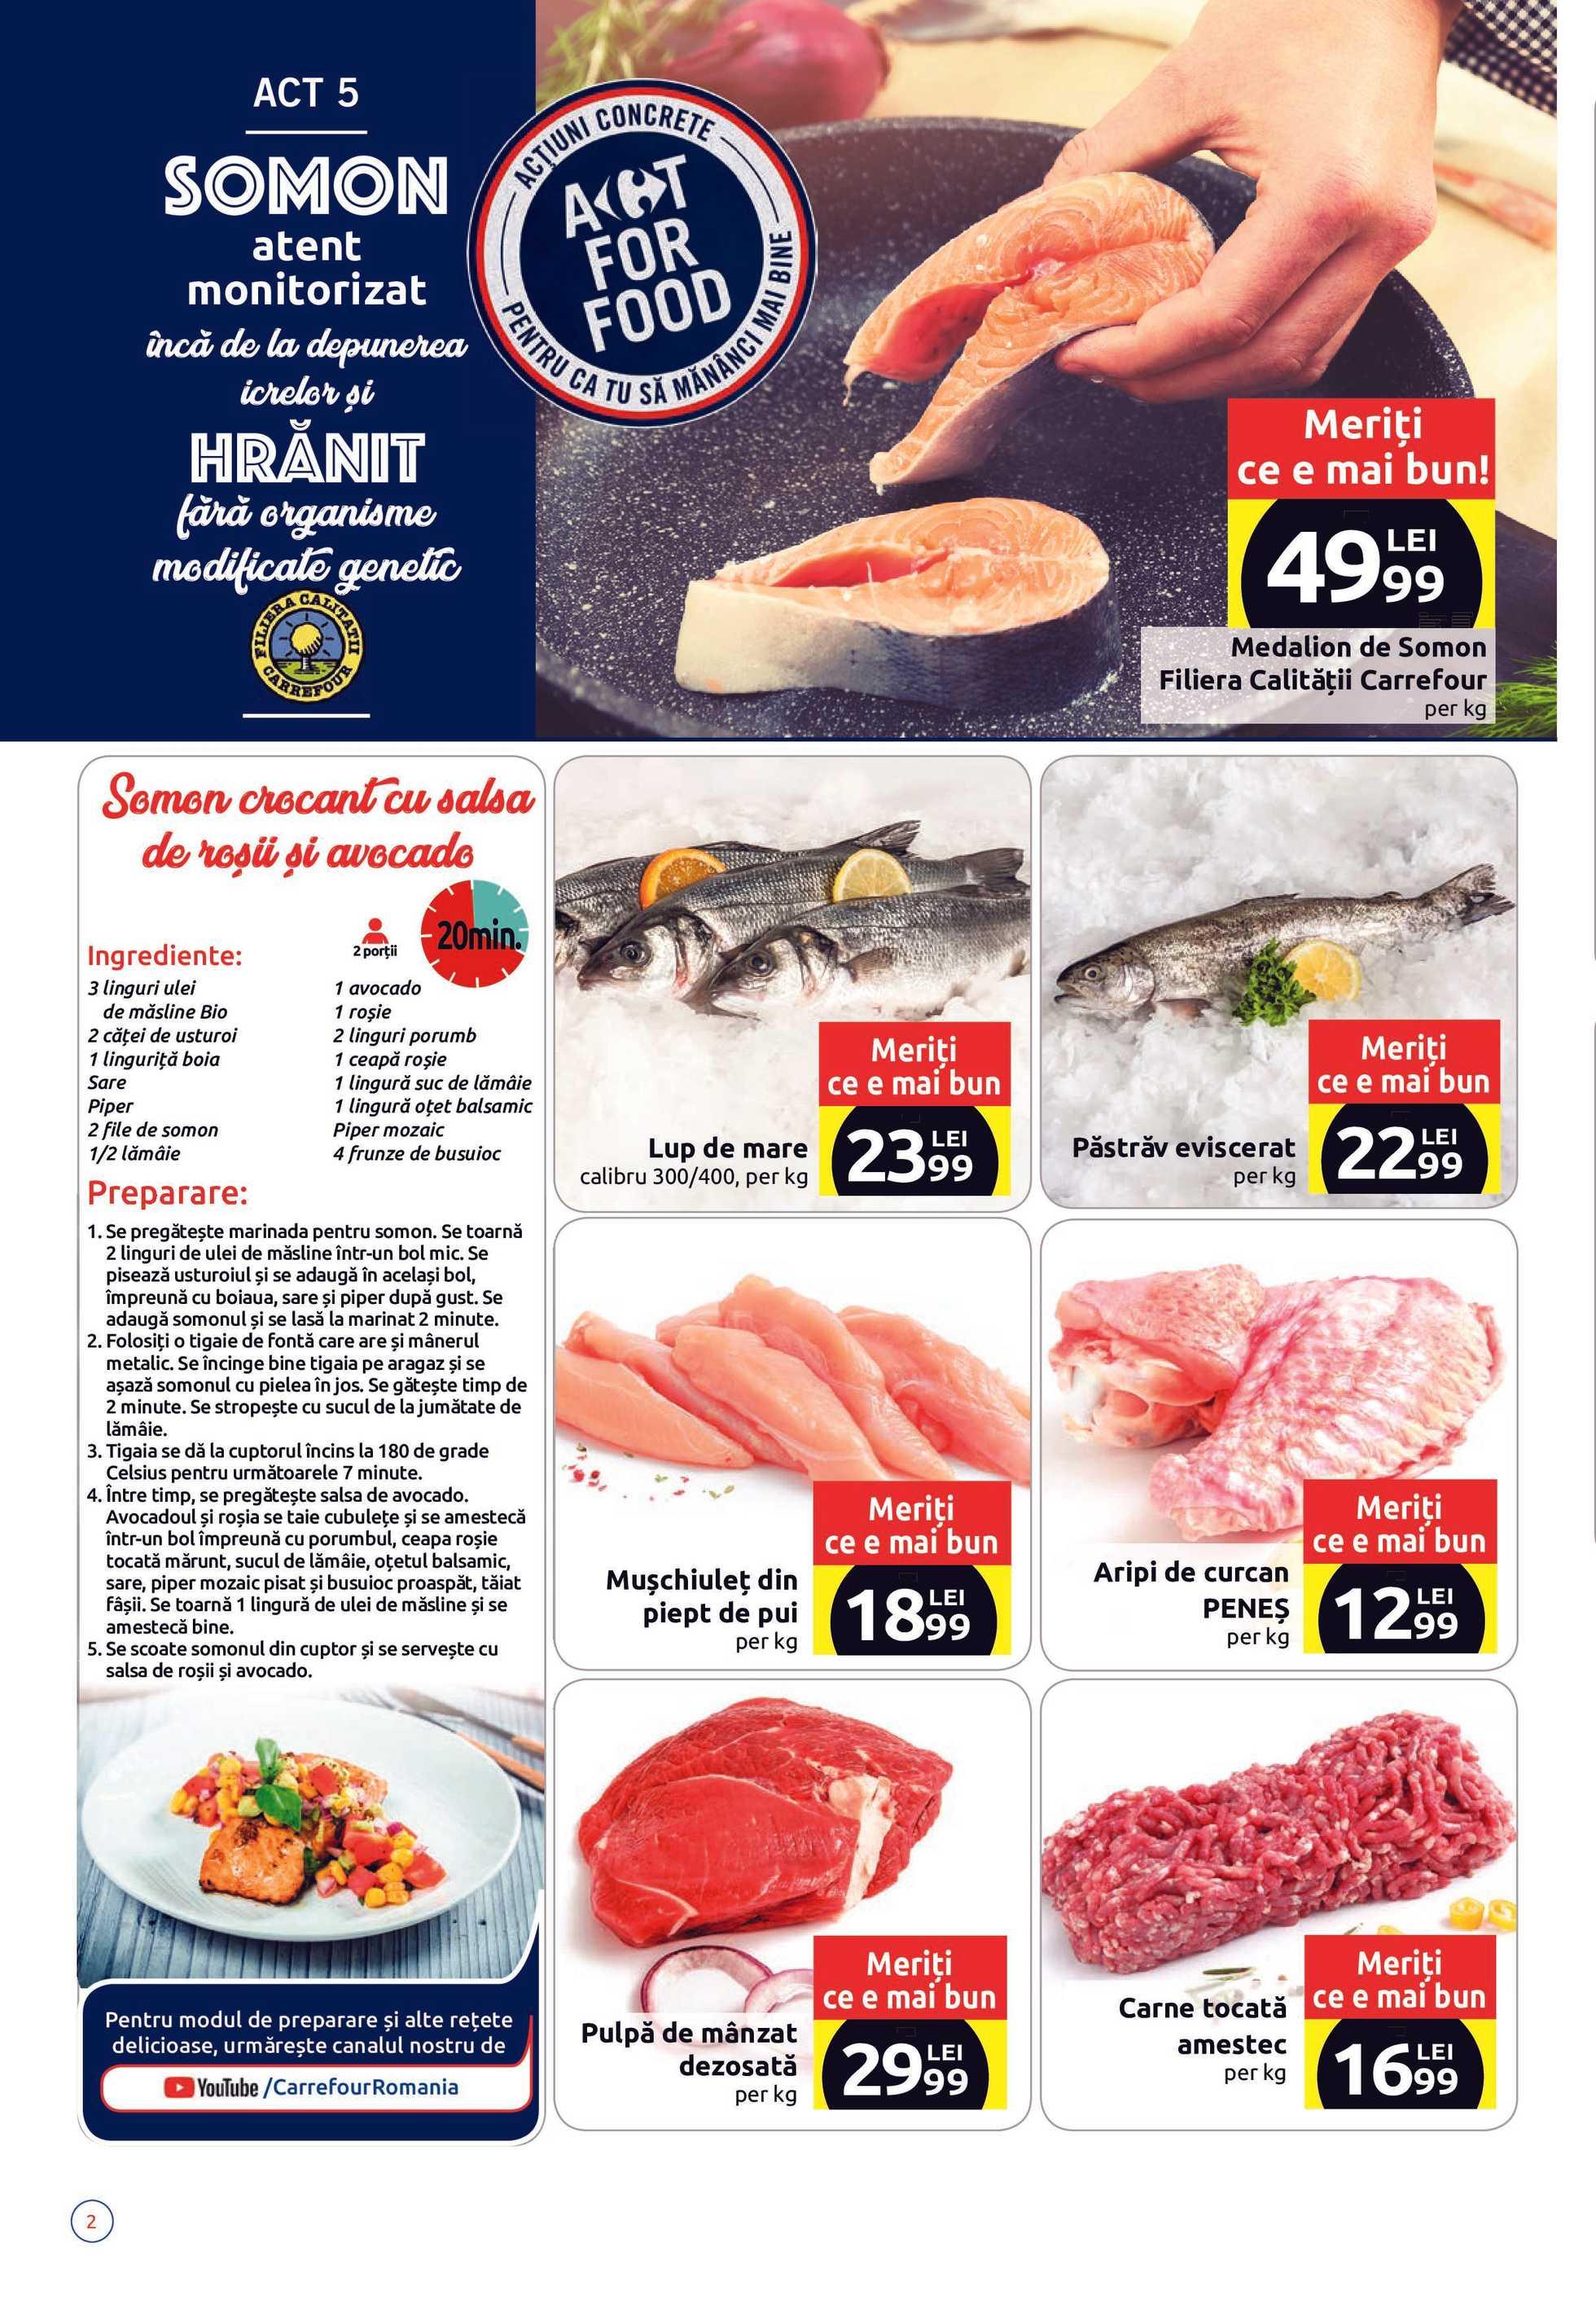 Carrefour - promo începând de la 13.02.2020 până la 19.02.2020 - pagină 2.